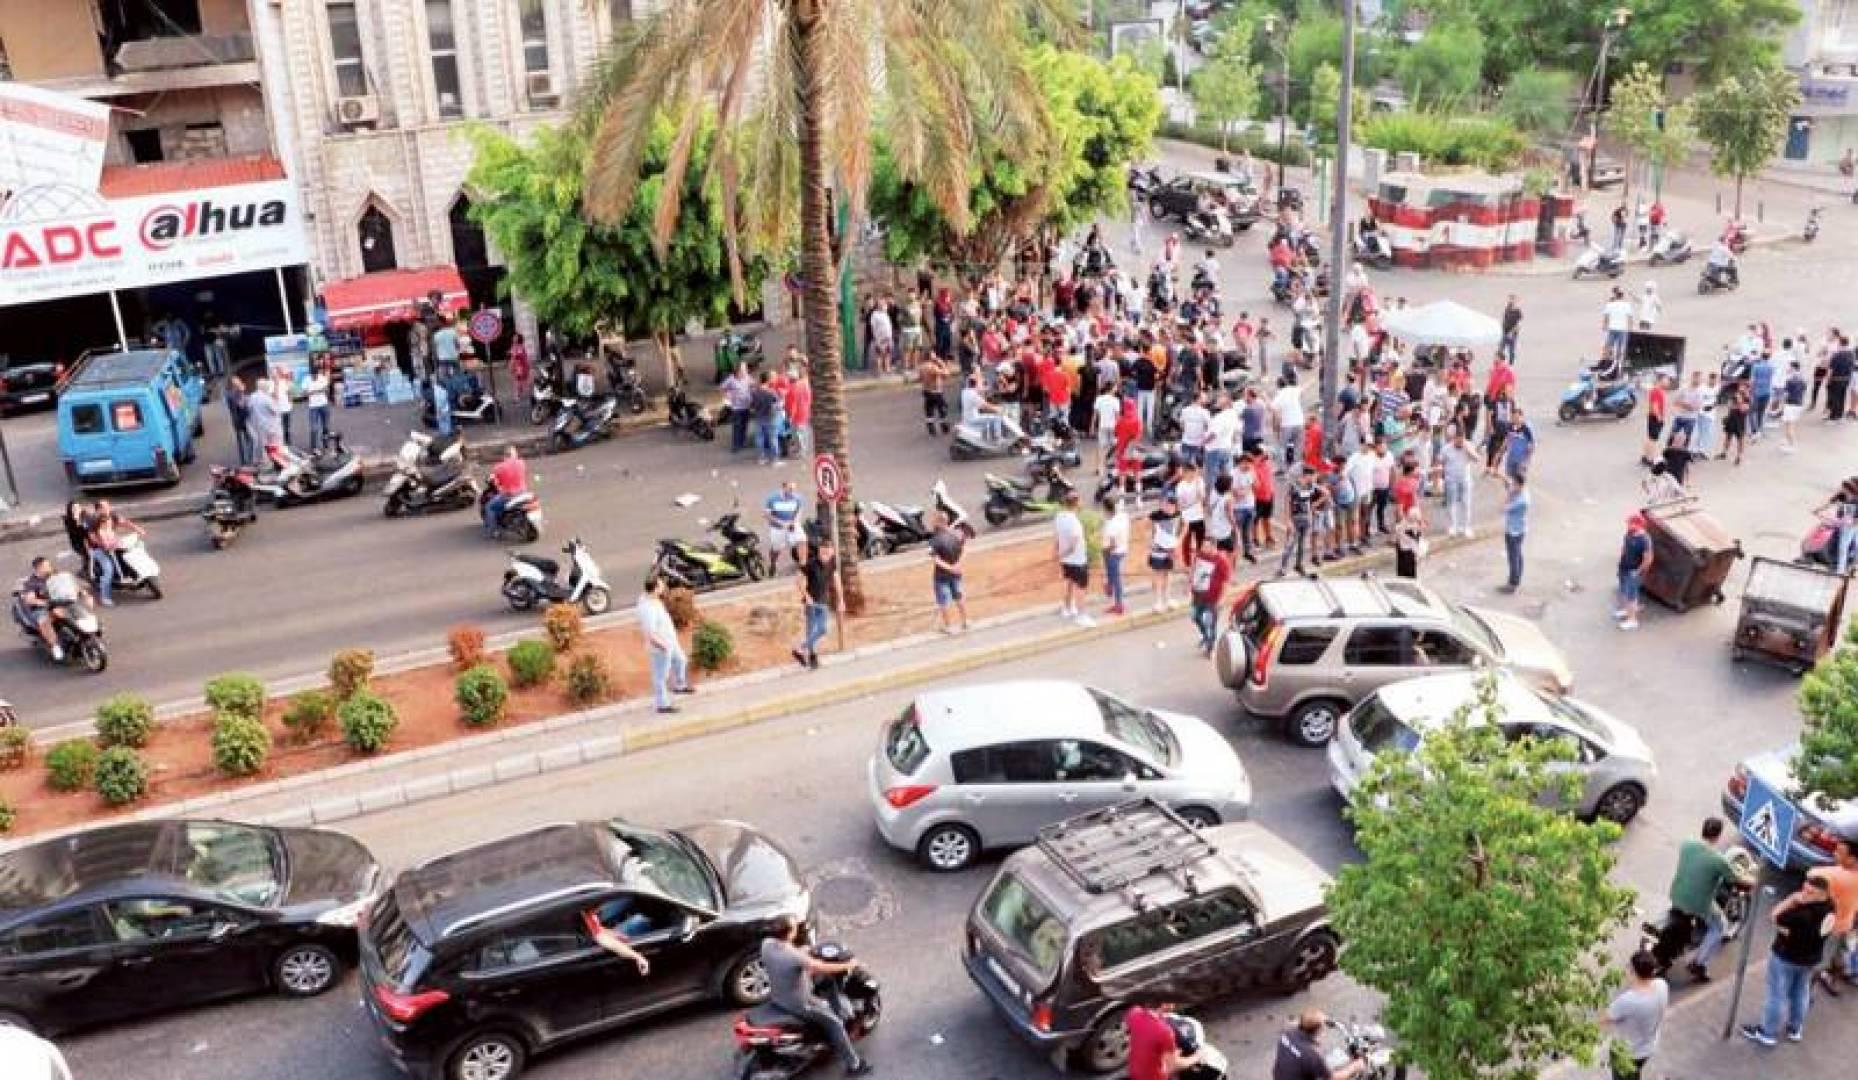 لبنانيون يقطعون الطريق عند تقاطع كورنيش المزرعة وفردان..  احتجاجاً على ارتفاع سعر صرف الدولار والغلاء